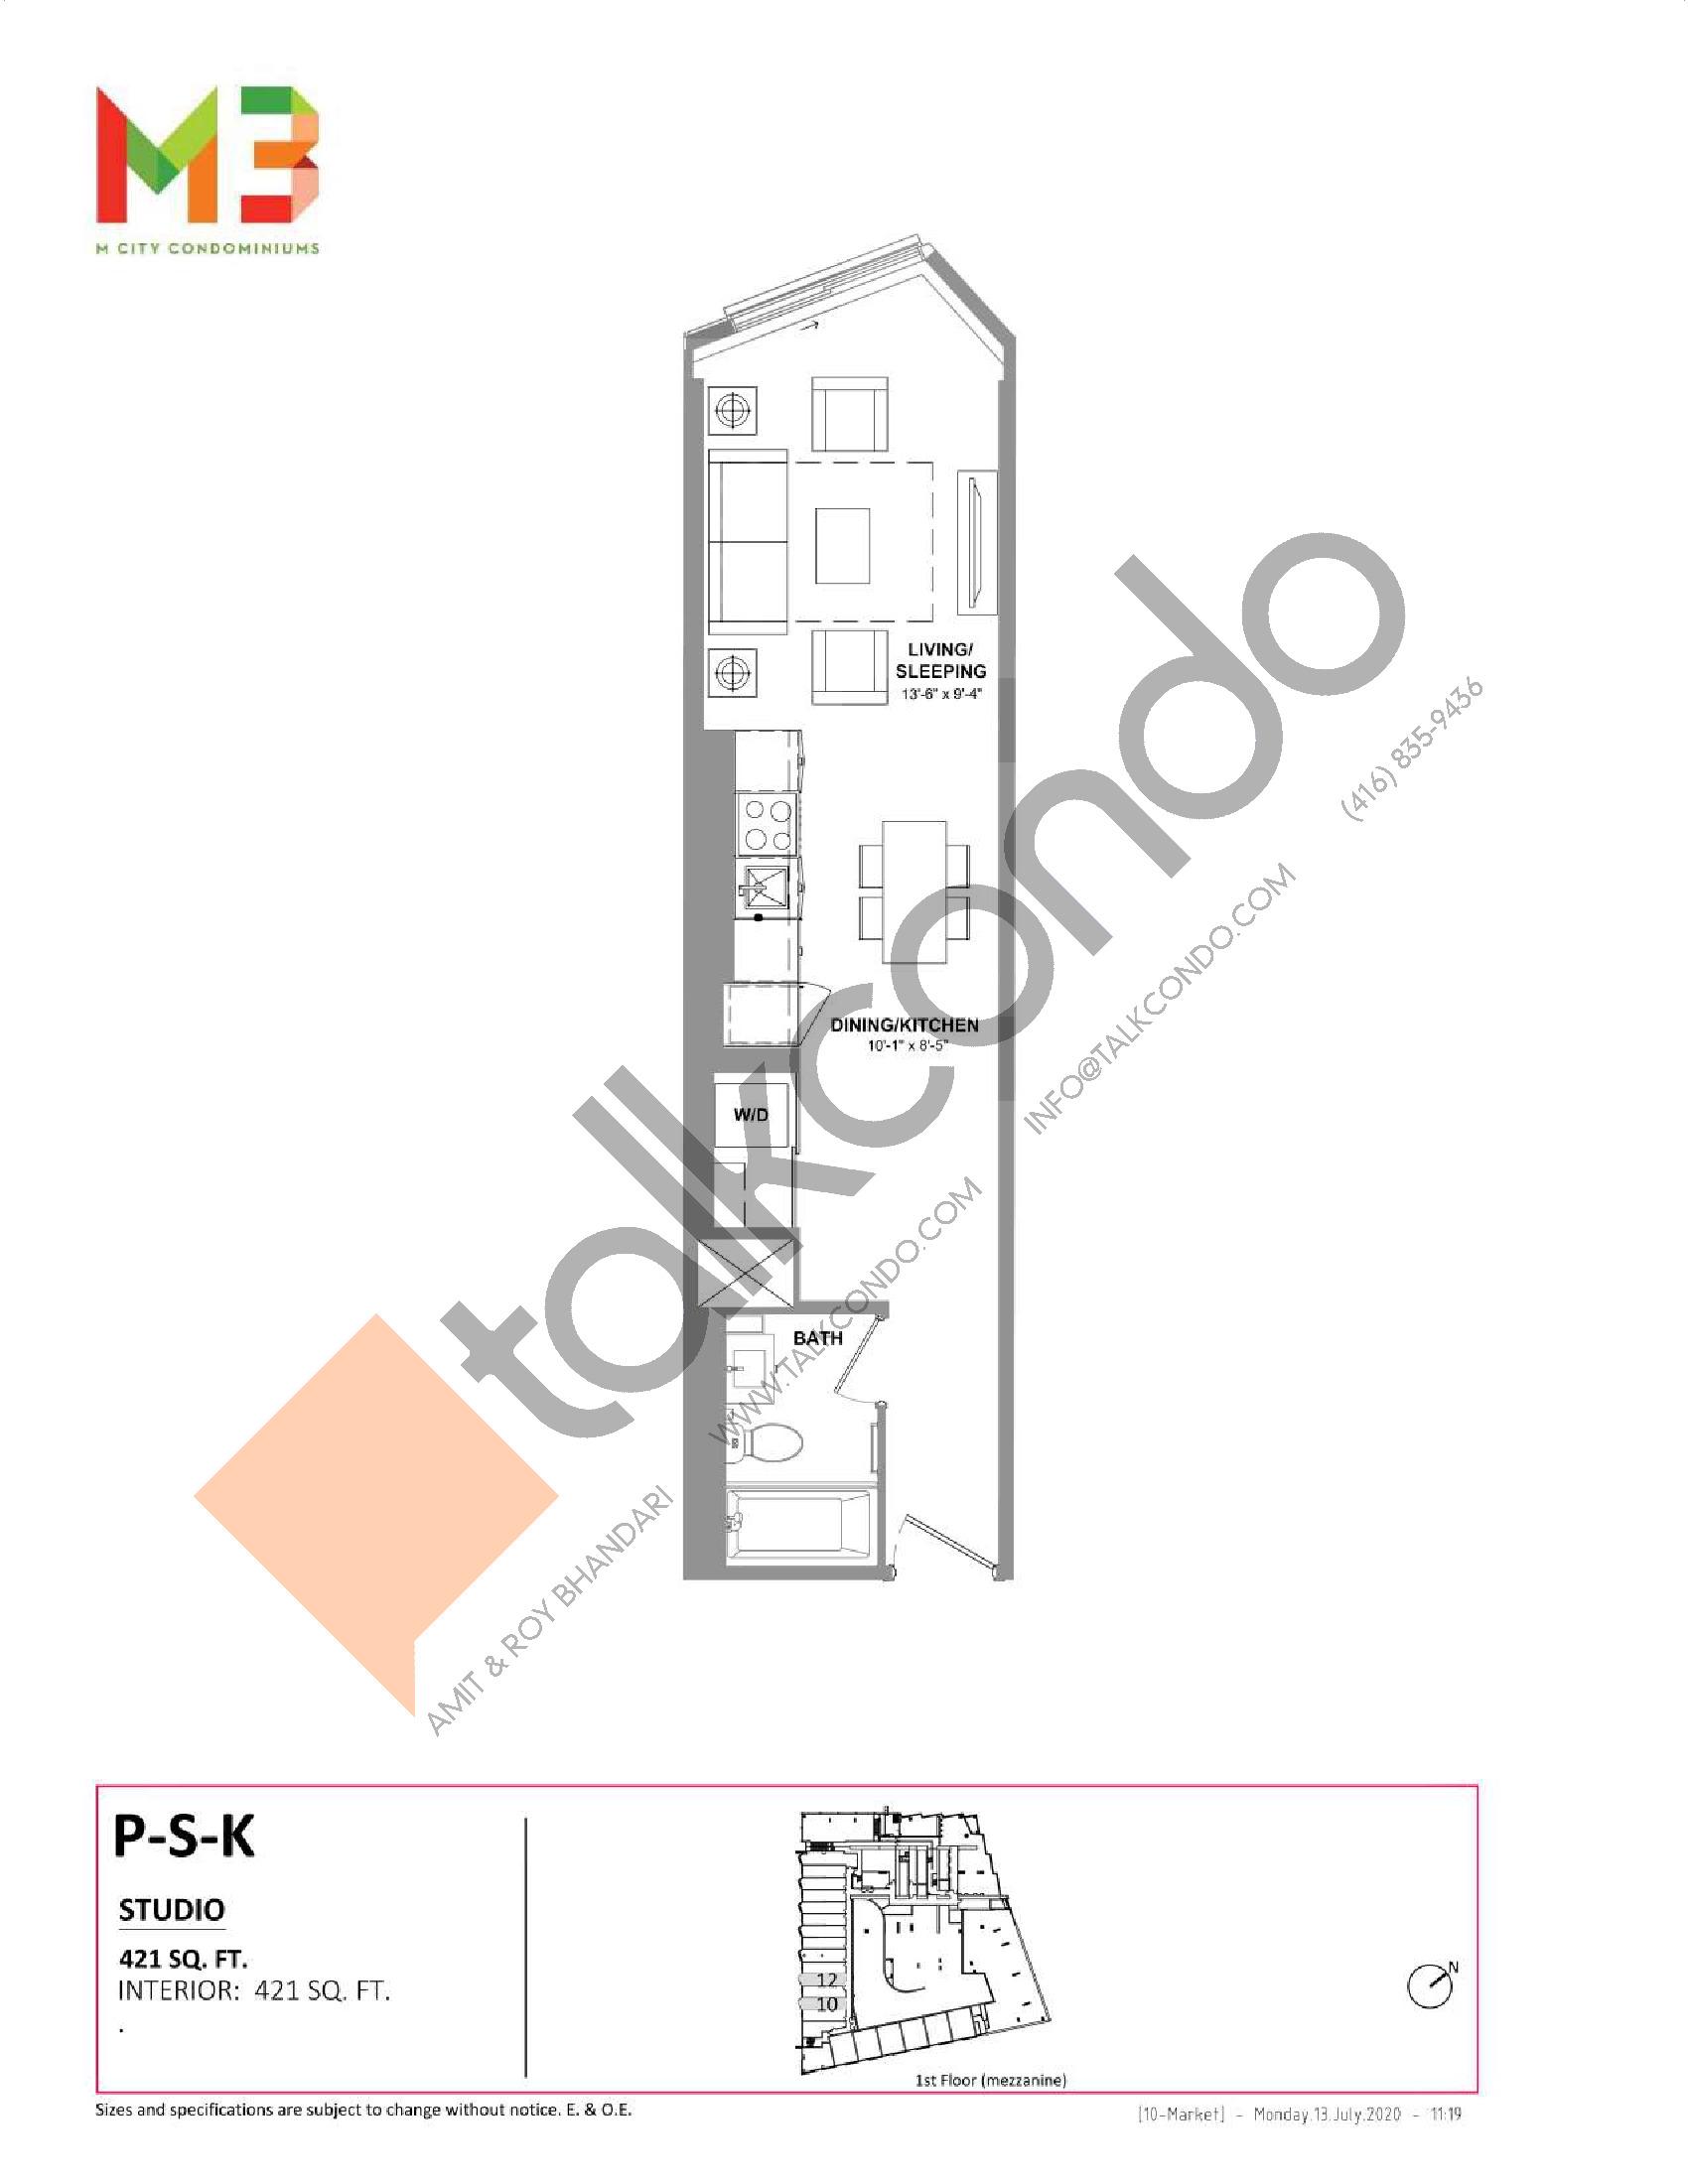 P-S-K Floor Plan at M3 Condos - 421 sq.ft